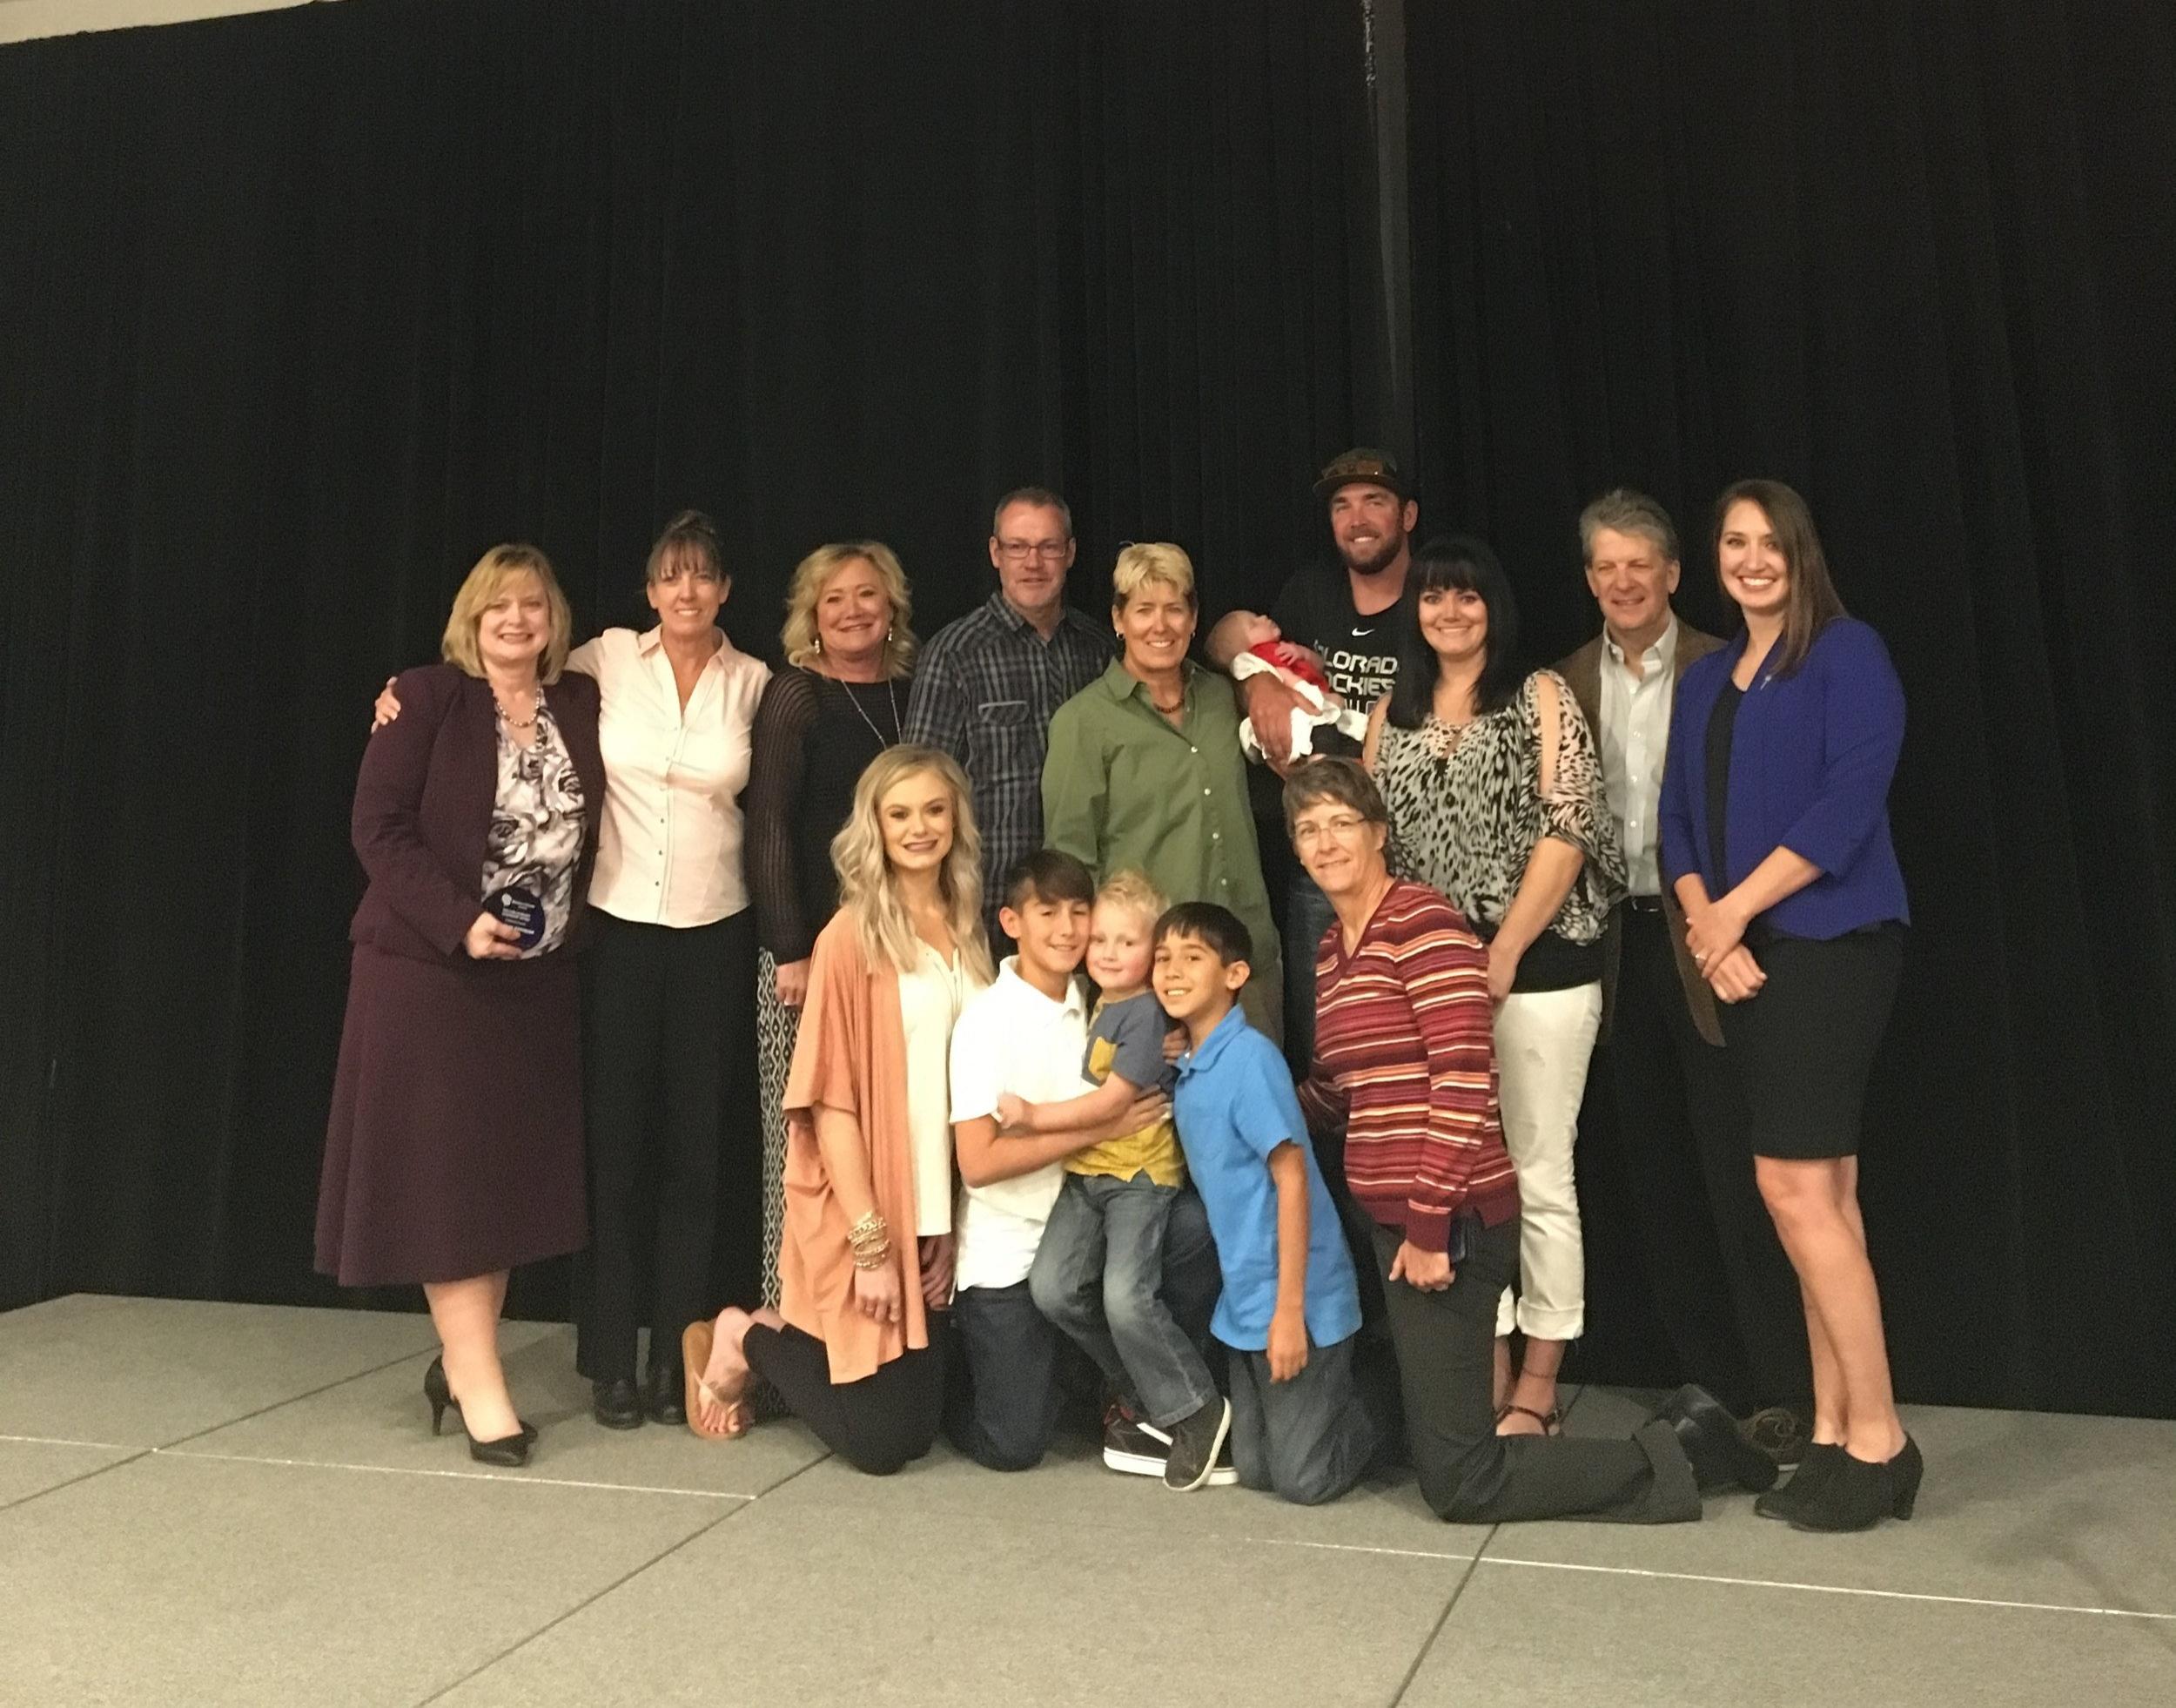 The family of the late Lori Moriarty with awardee Cynthia Coffman & Illuminate director Jade Woodard